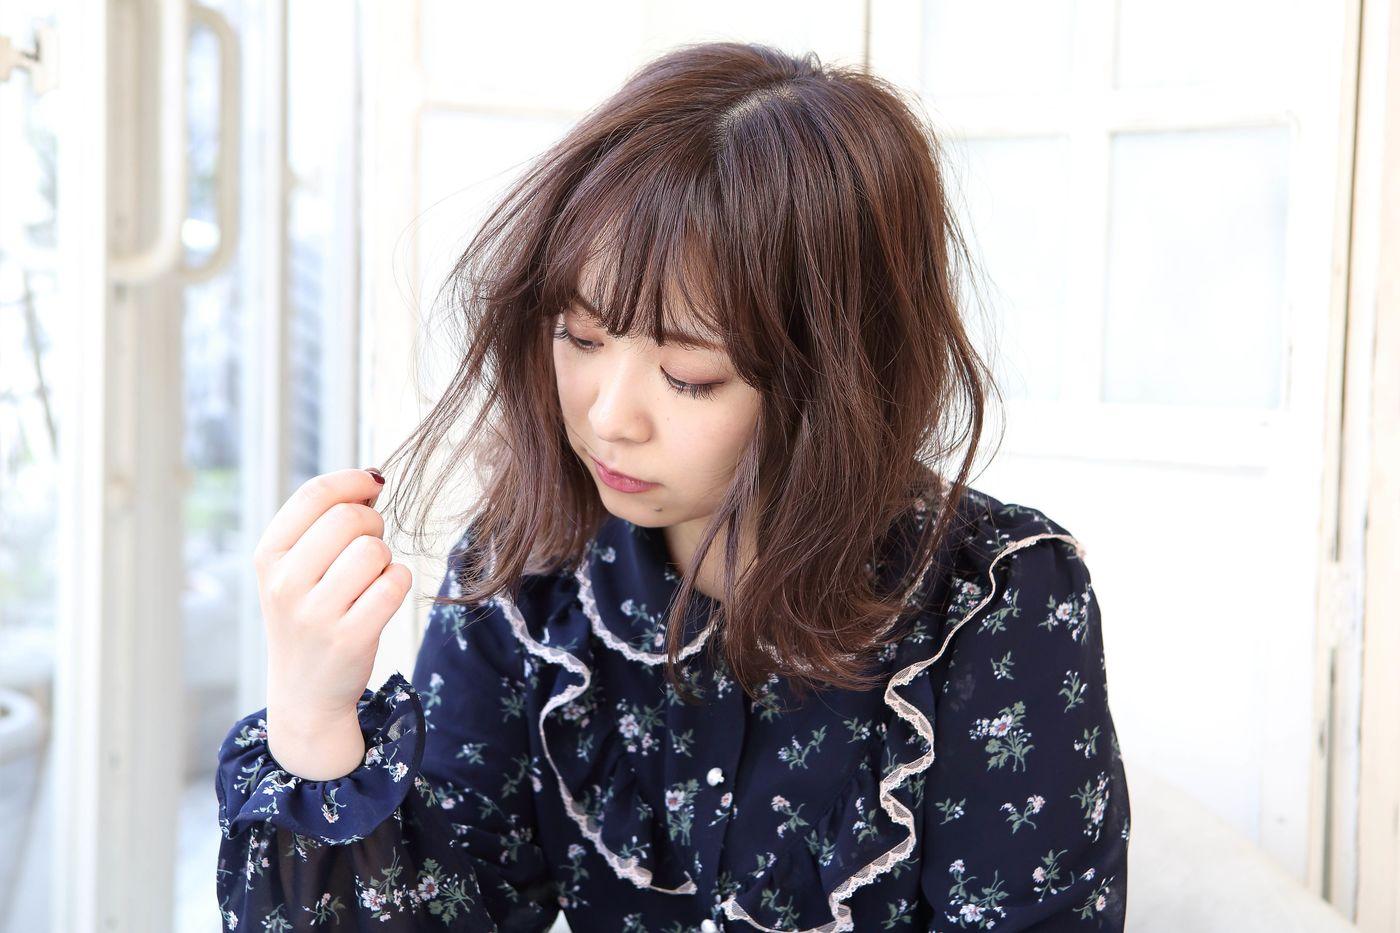 平松可奈子ちゃんの美容法♡変わらない可愛さと強いメンタルの秘密の11枚目の画像